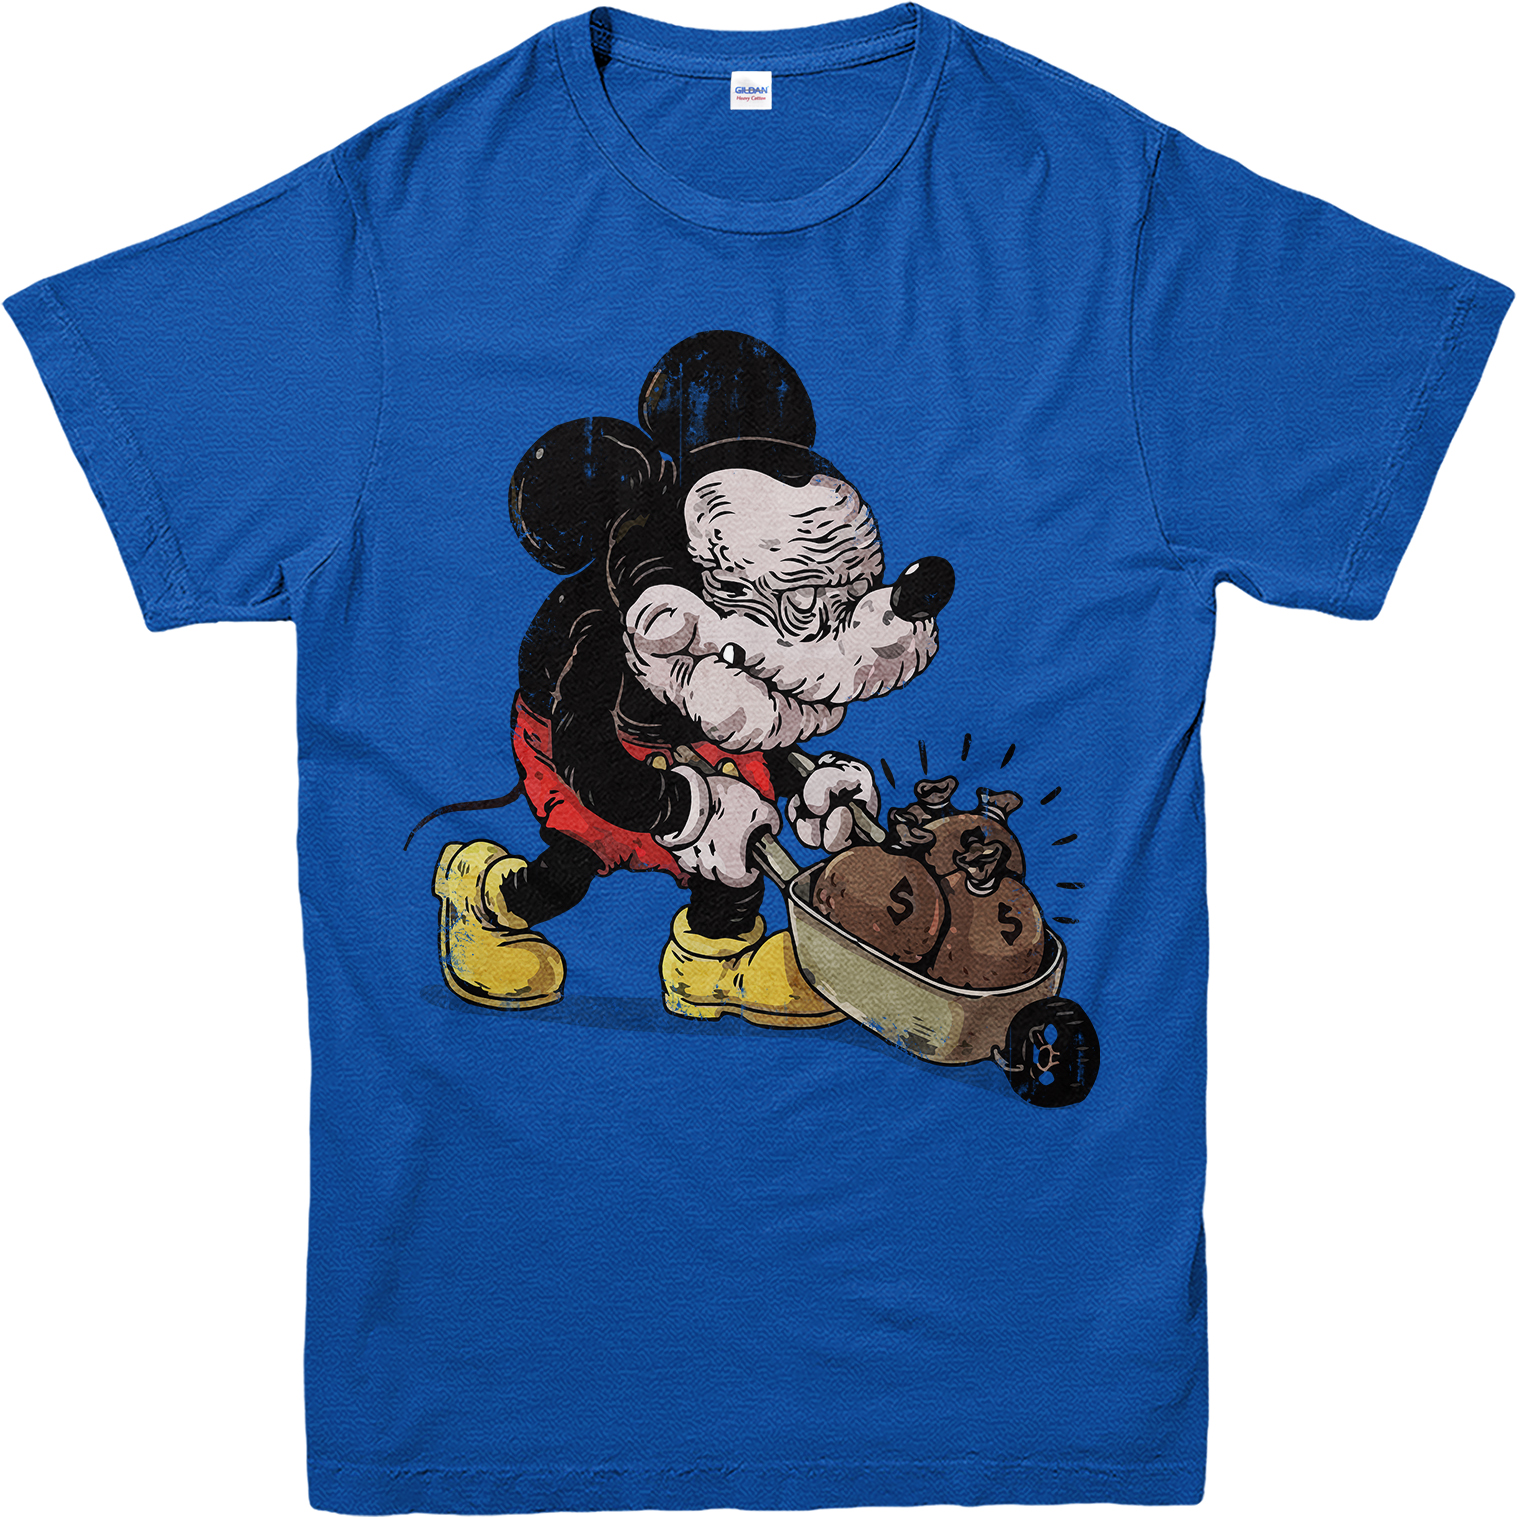 mickey mouse t shirt old mickey mouse t shirt inspired. Black Bedroom Furniture Sets. Home Design Ideas